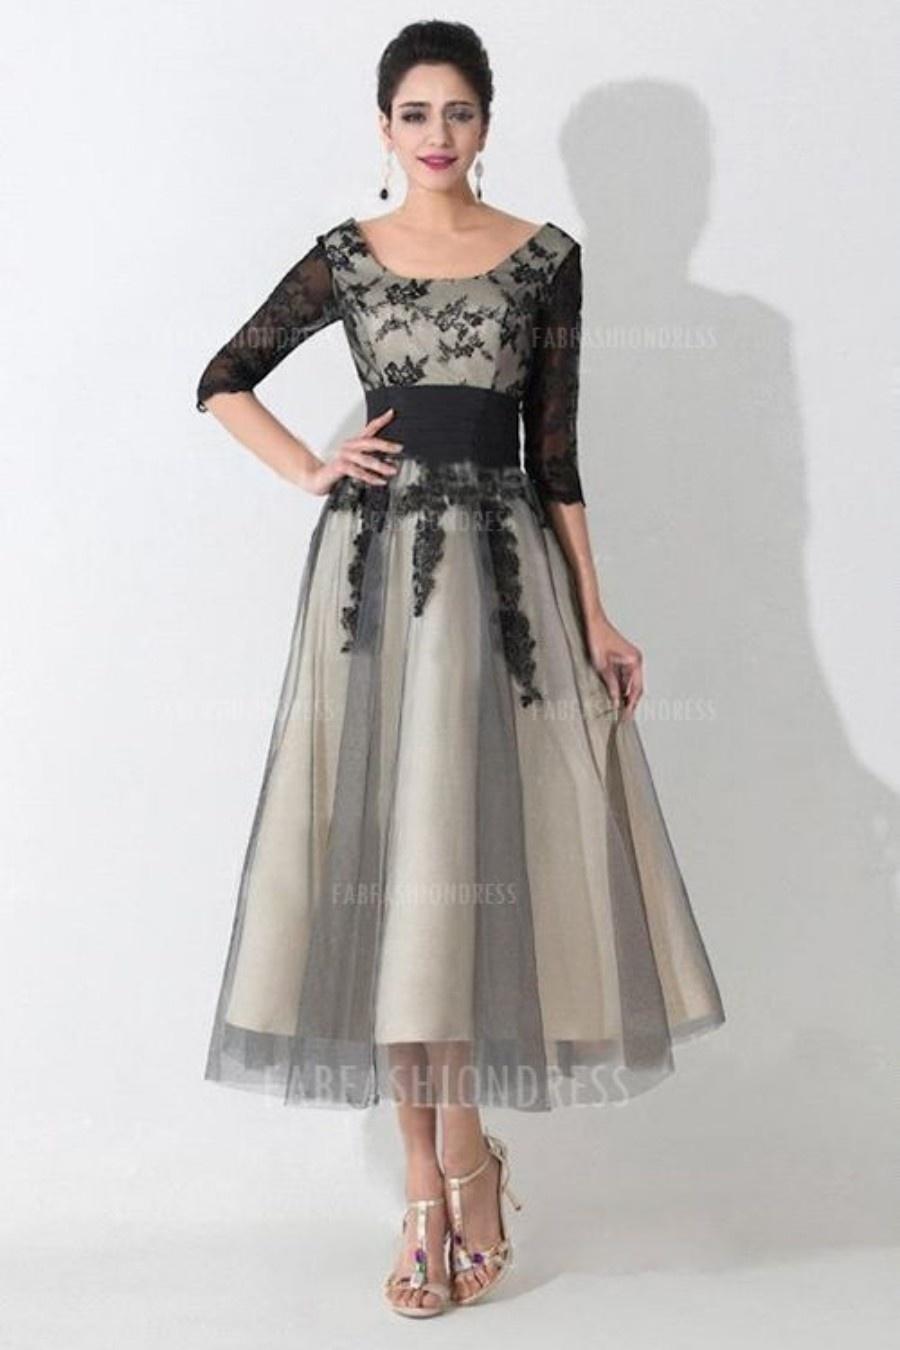 312e7b588b 22 Sugestões de vestido curto para bodas de prata ⋆ De Frente Para ...